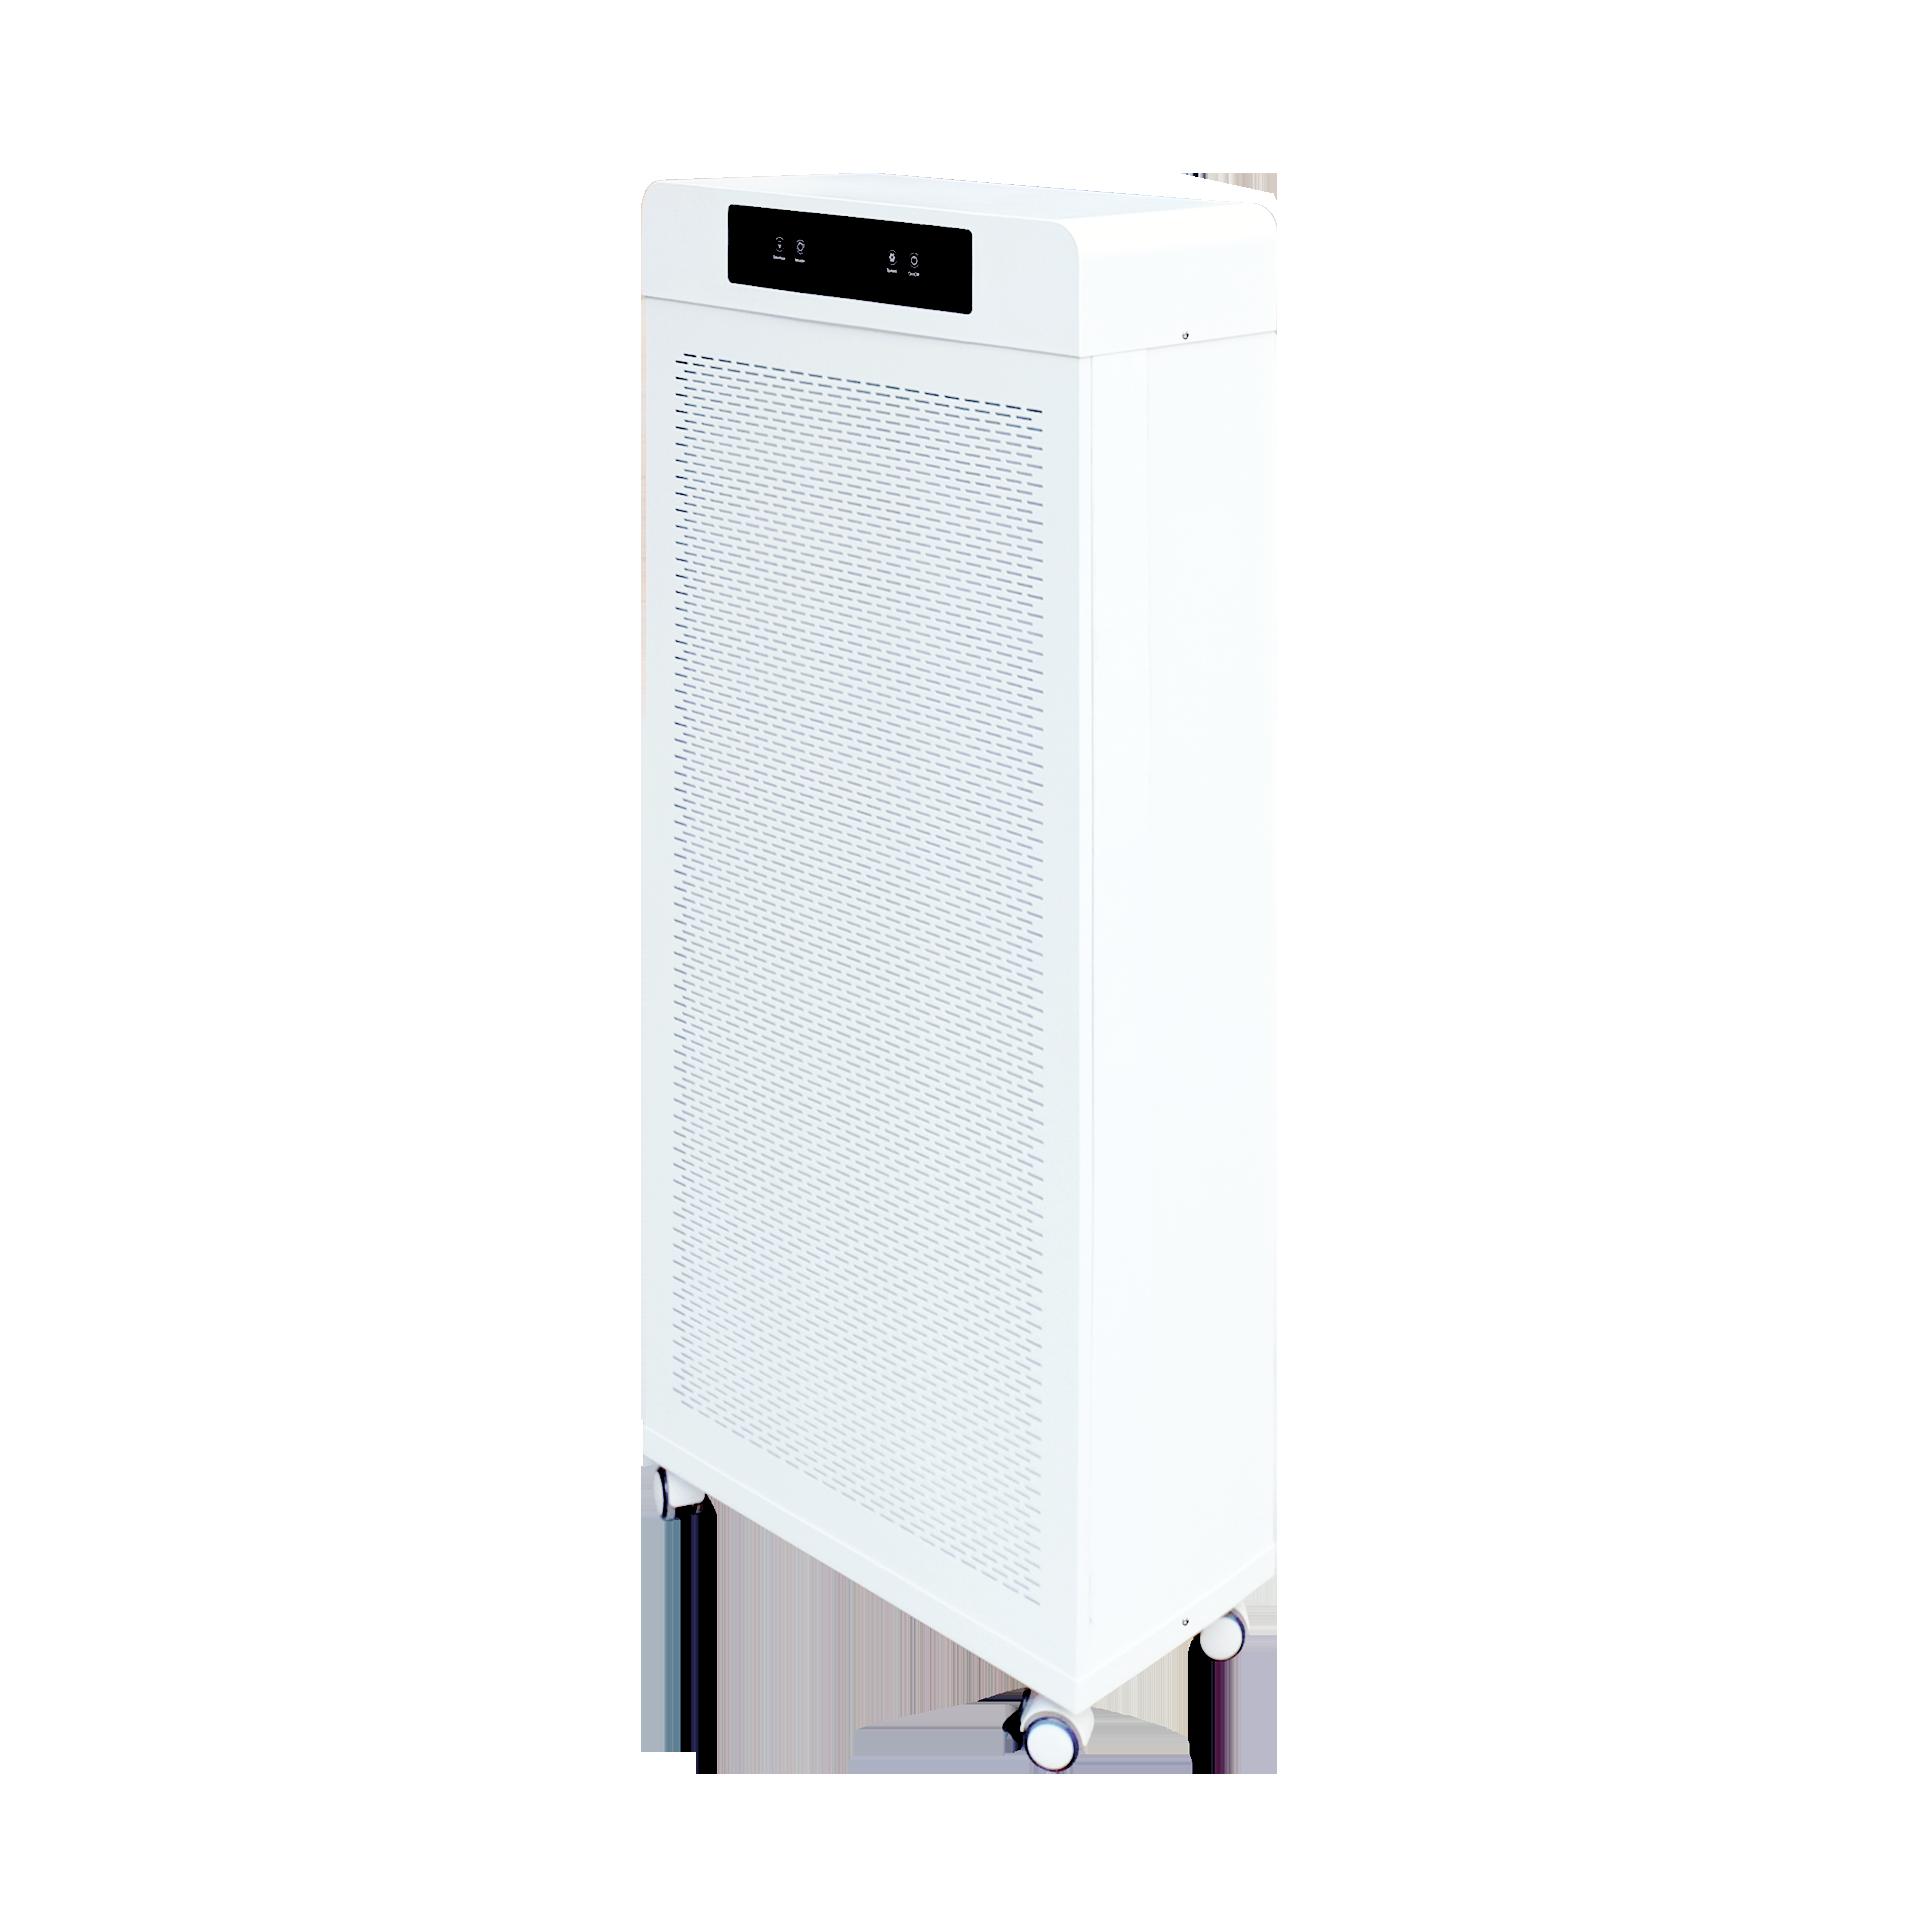 Медицинского применения больших комнаты, офиса, UVC свет стерилизации воздуха очиститель PM2.5 светодиодного табло с отрицательными ионами плазмы H13 очиститель APP управление